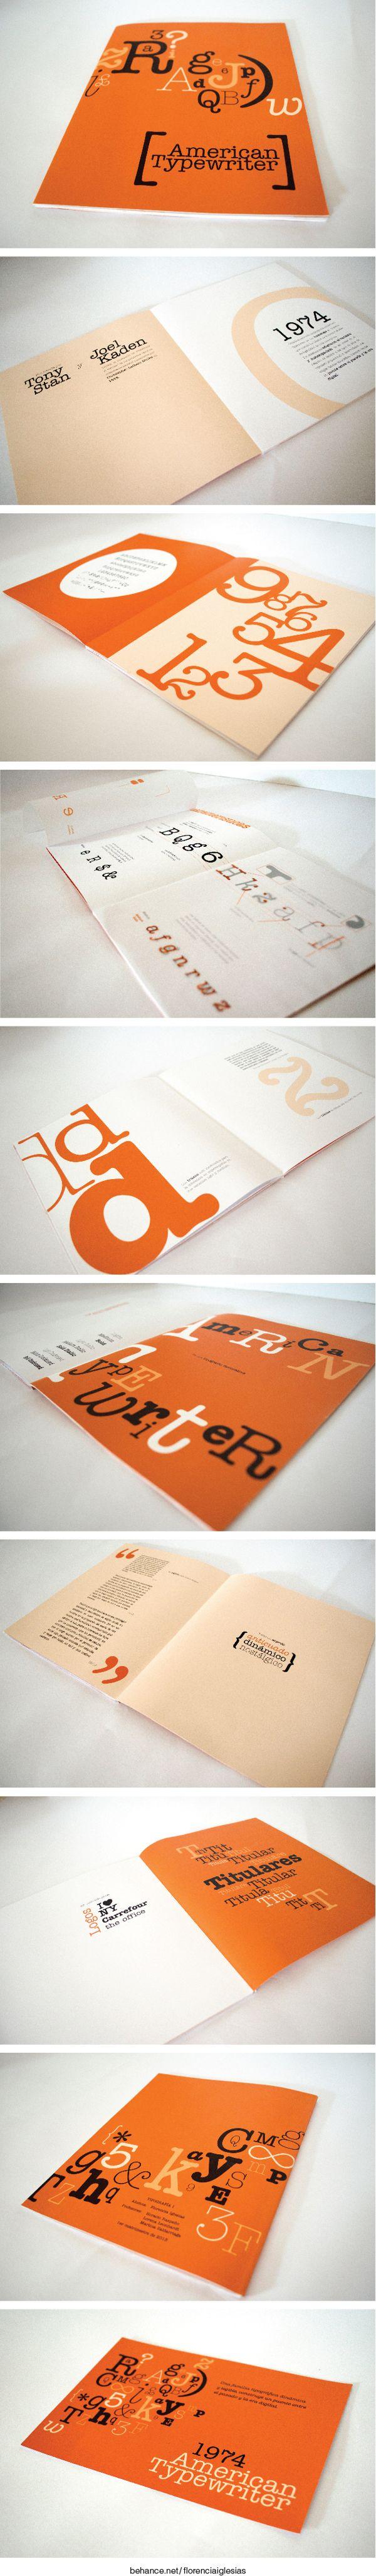 Libro tipográfico - American Typewriter by Florencia Iglesias, via Behance